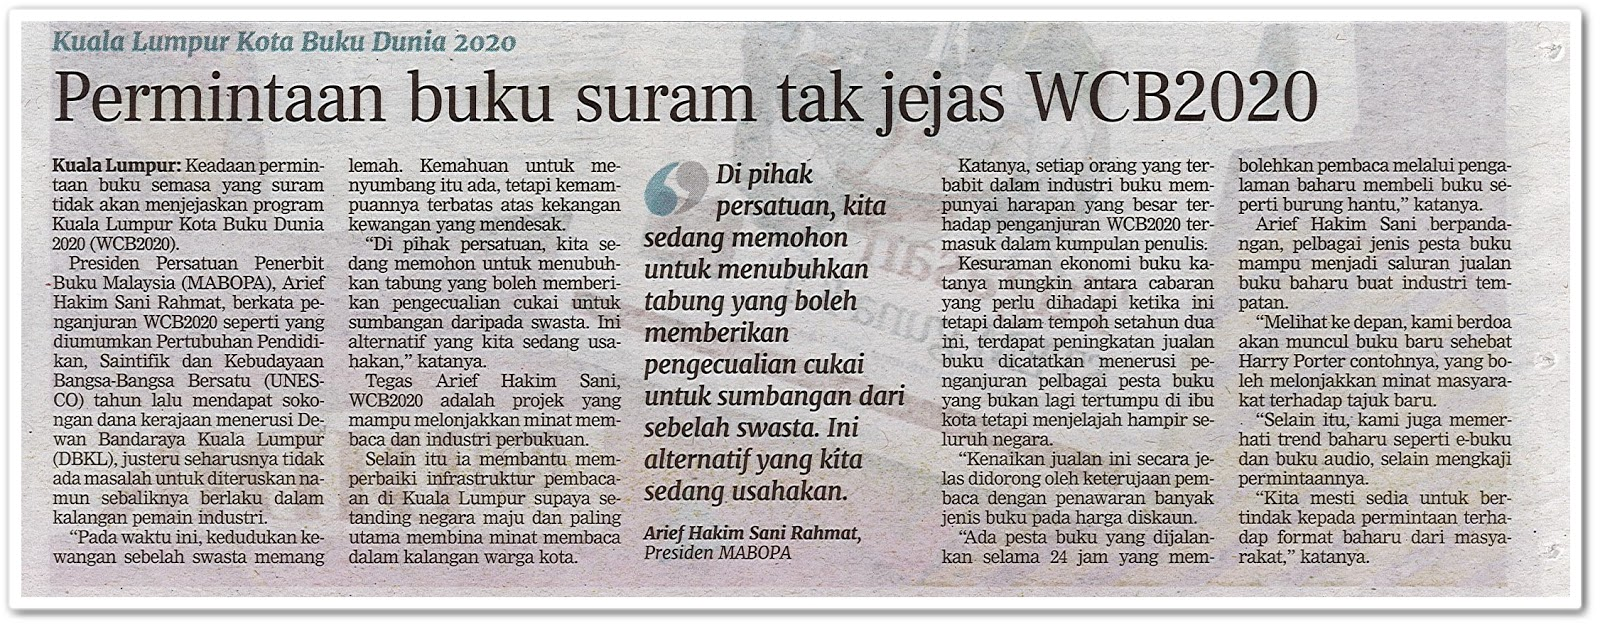 Permintaan buku suram tak jejas WCB2020 - Keratan akhbar Berita Harian 22 Julai 2019